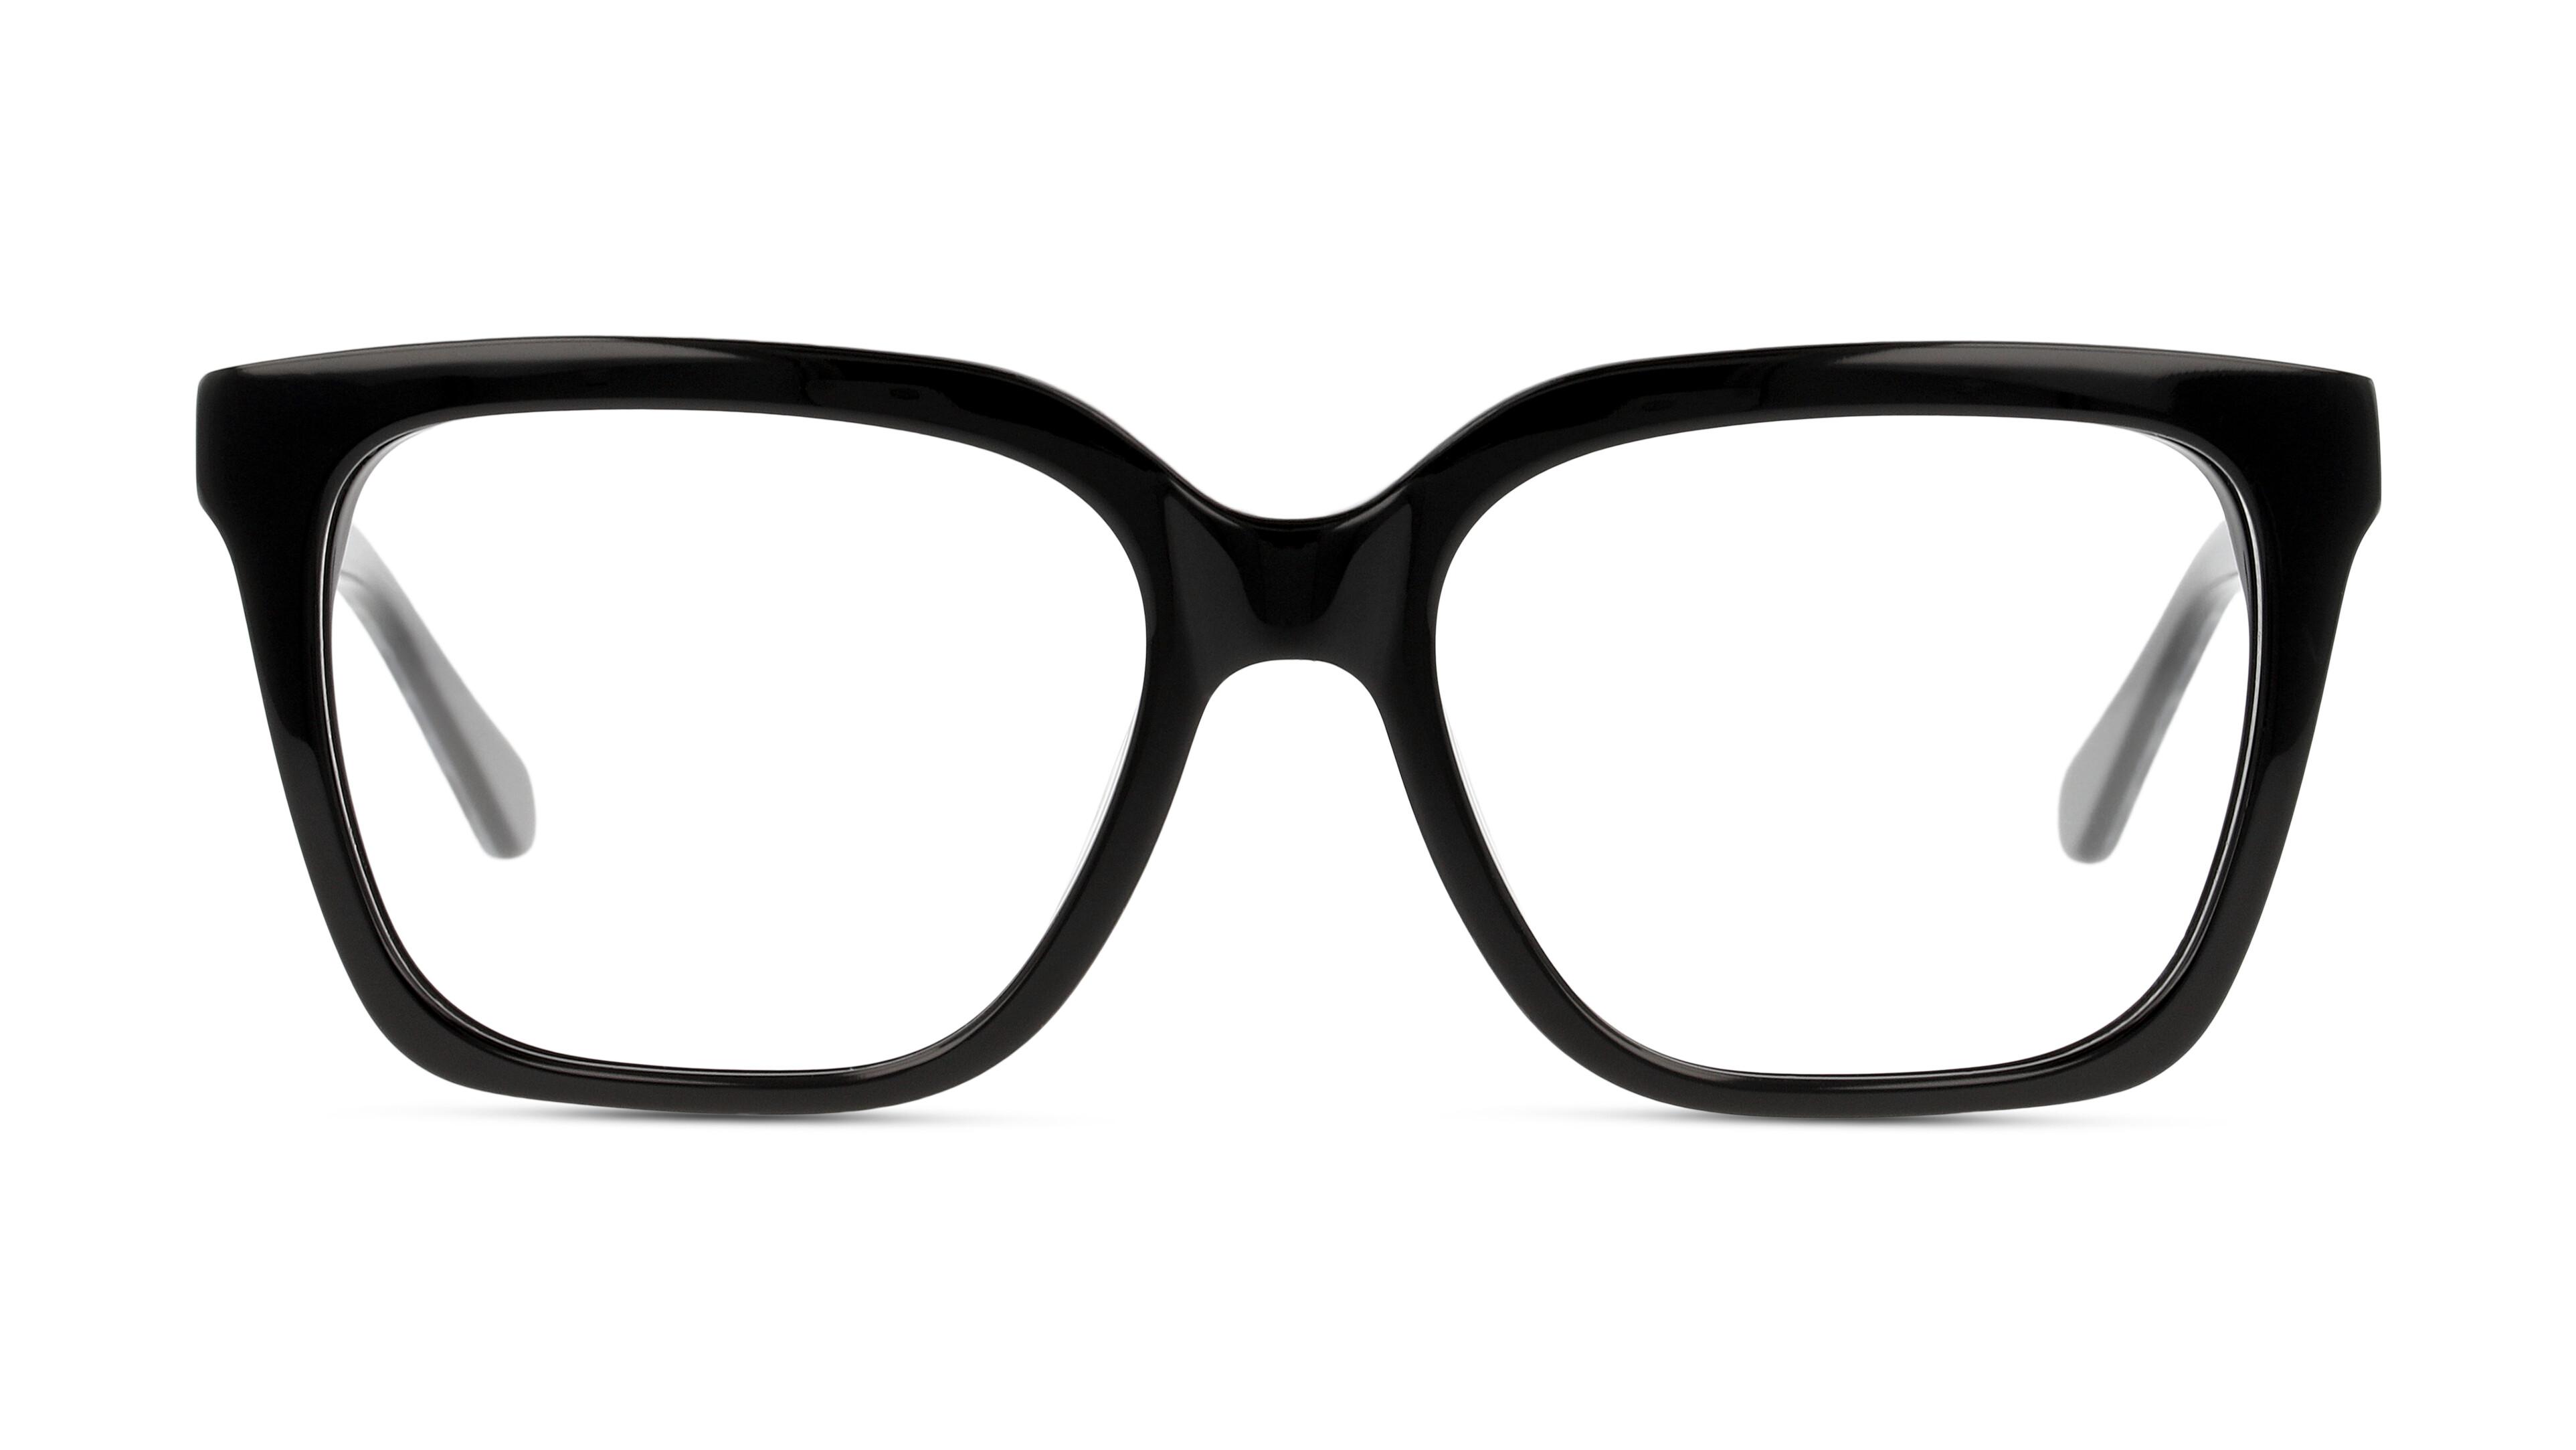 8719154773600-front-brillenfassung-unofficial-unof0203-black-other